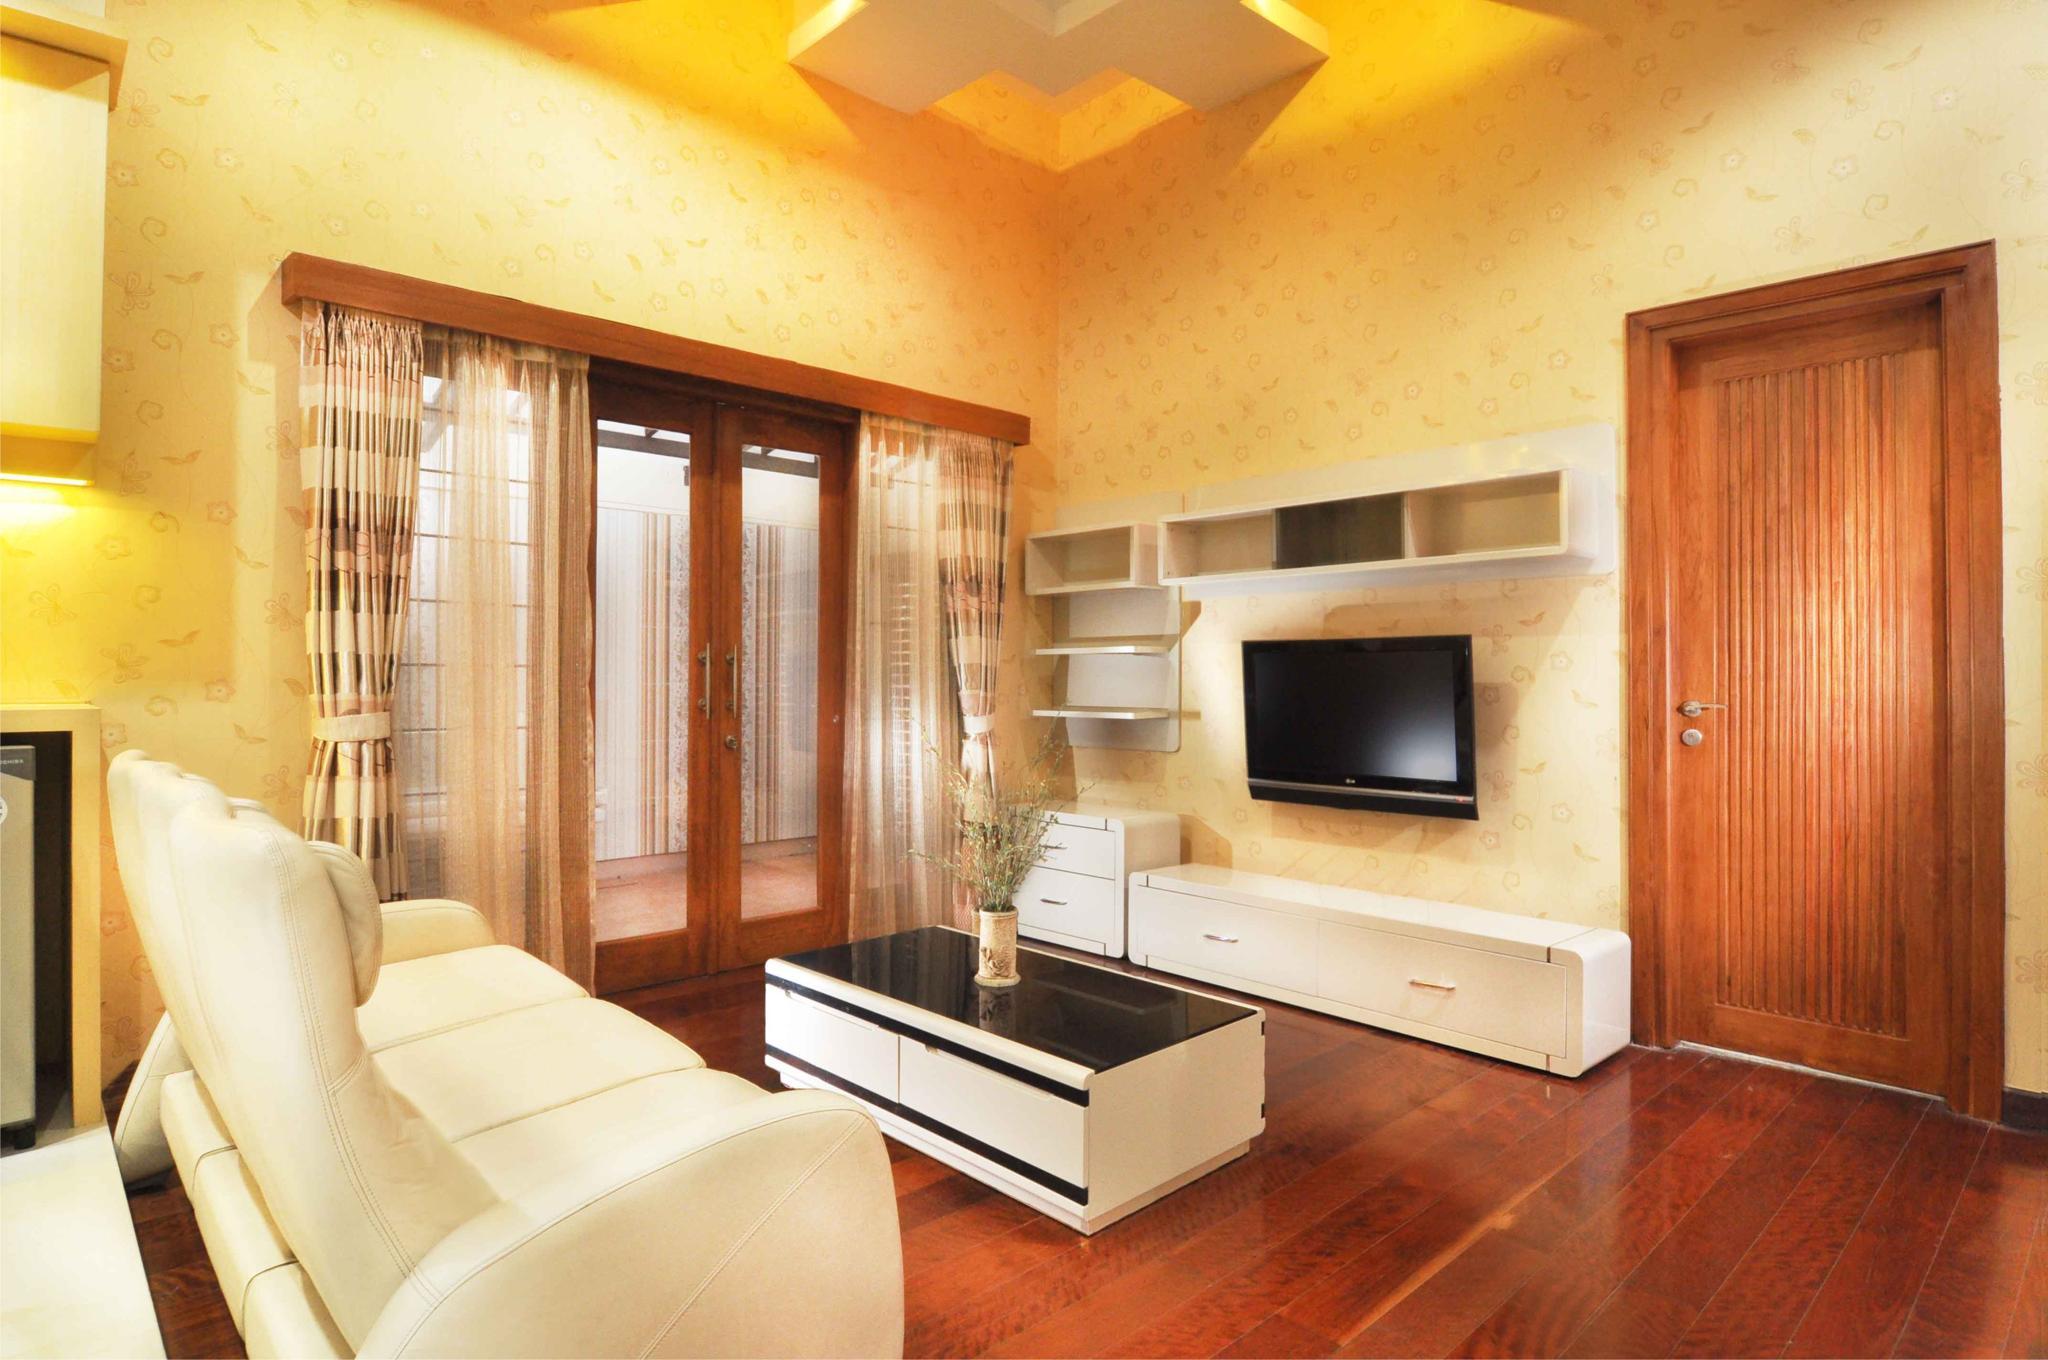 Guest House 3 Kamar Tidur AC di Batikan 10 menit menuju Malioboro